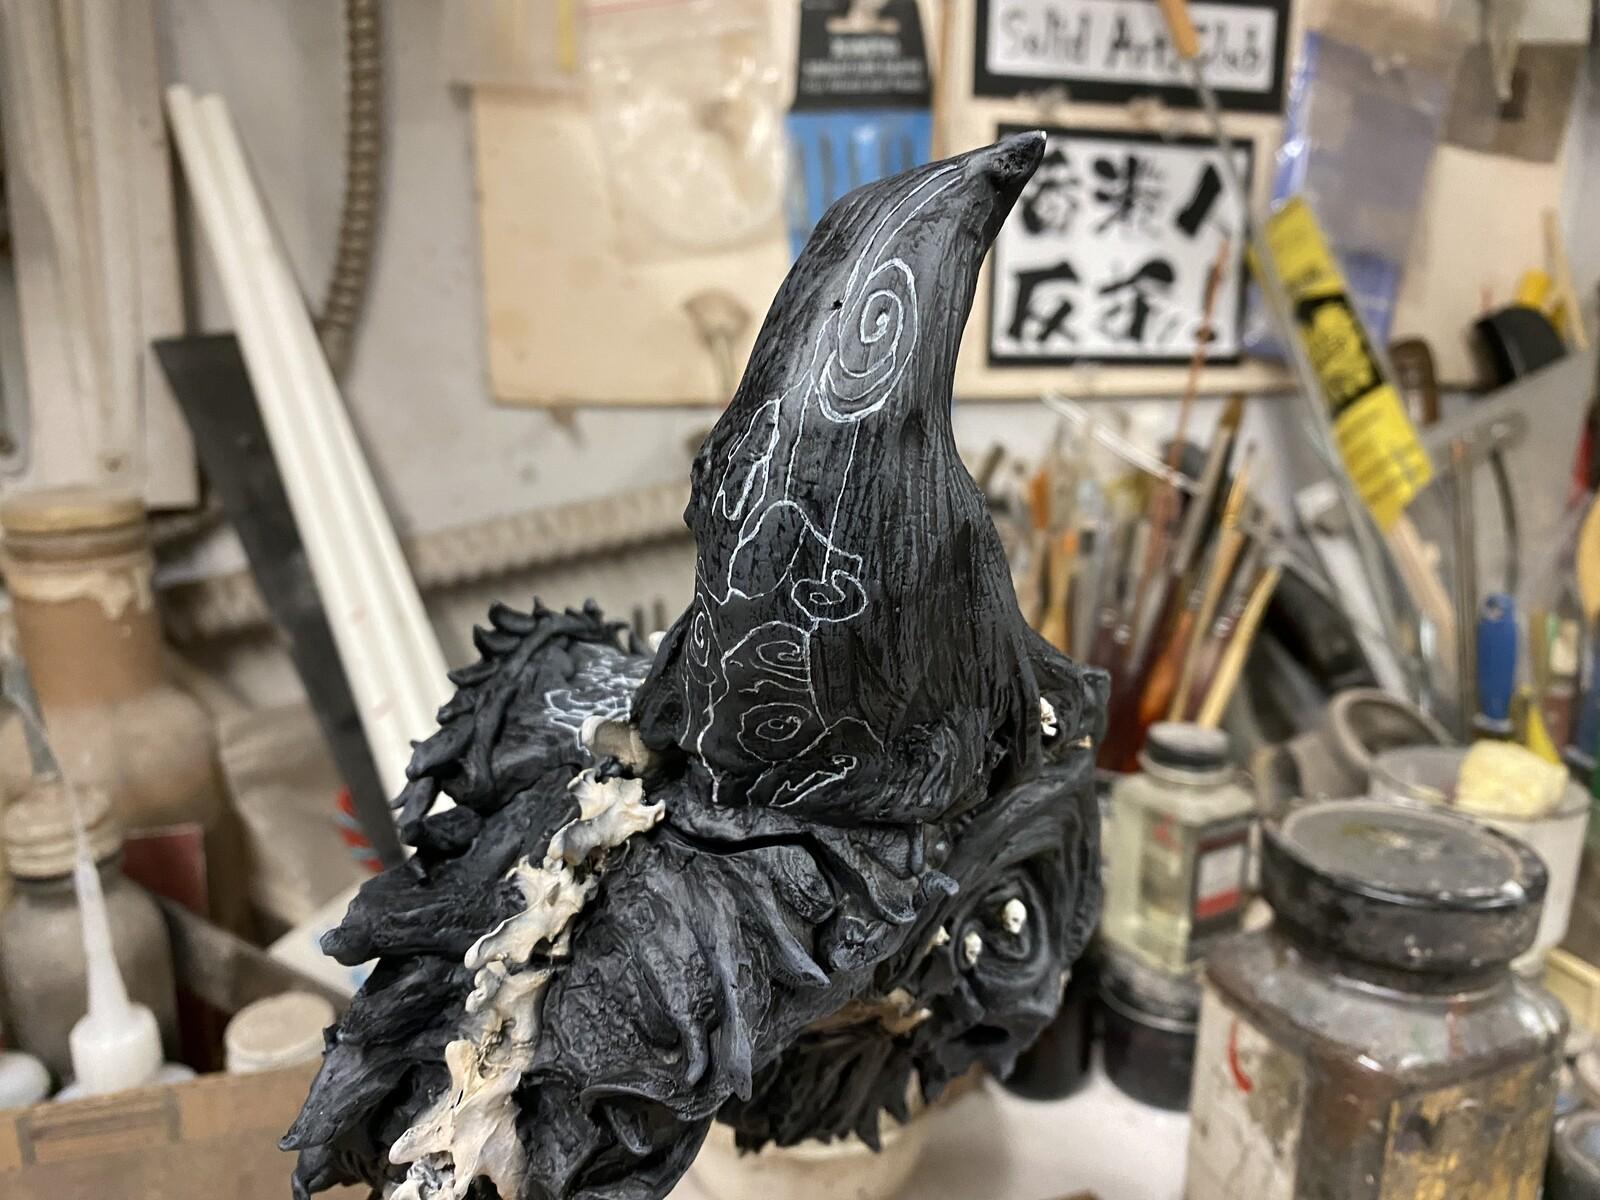 轩辕冢  Fox Girl Reincarnation Art Statue W.I.P. https://www.solidart.club/